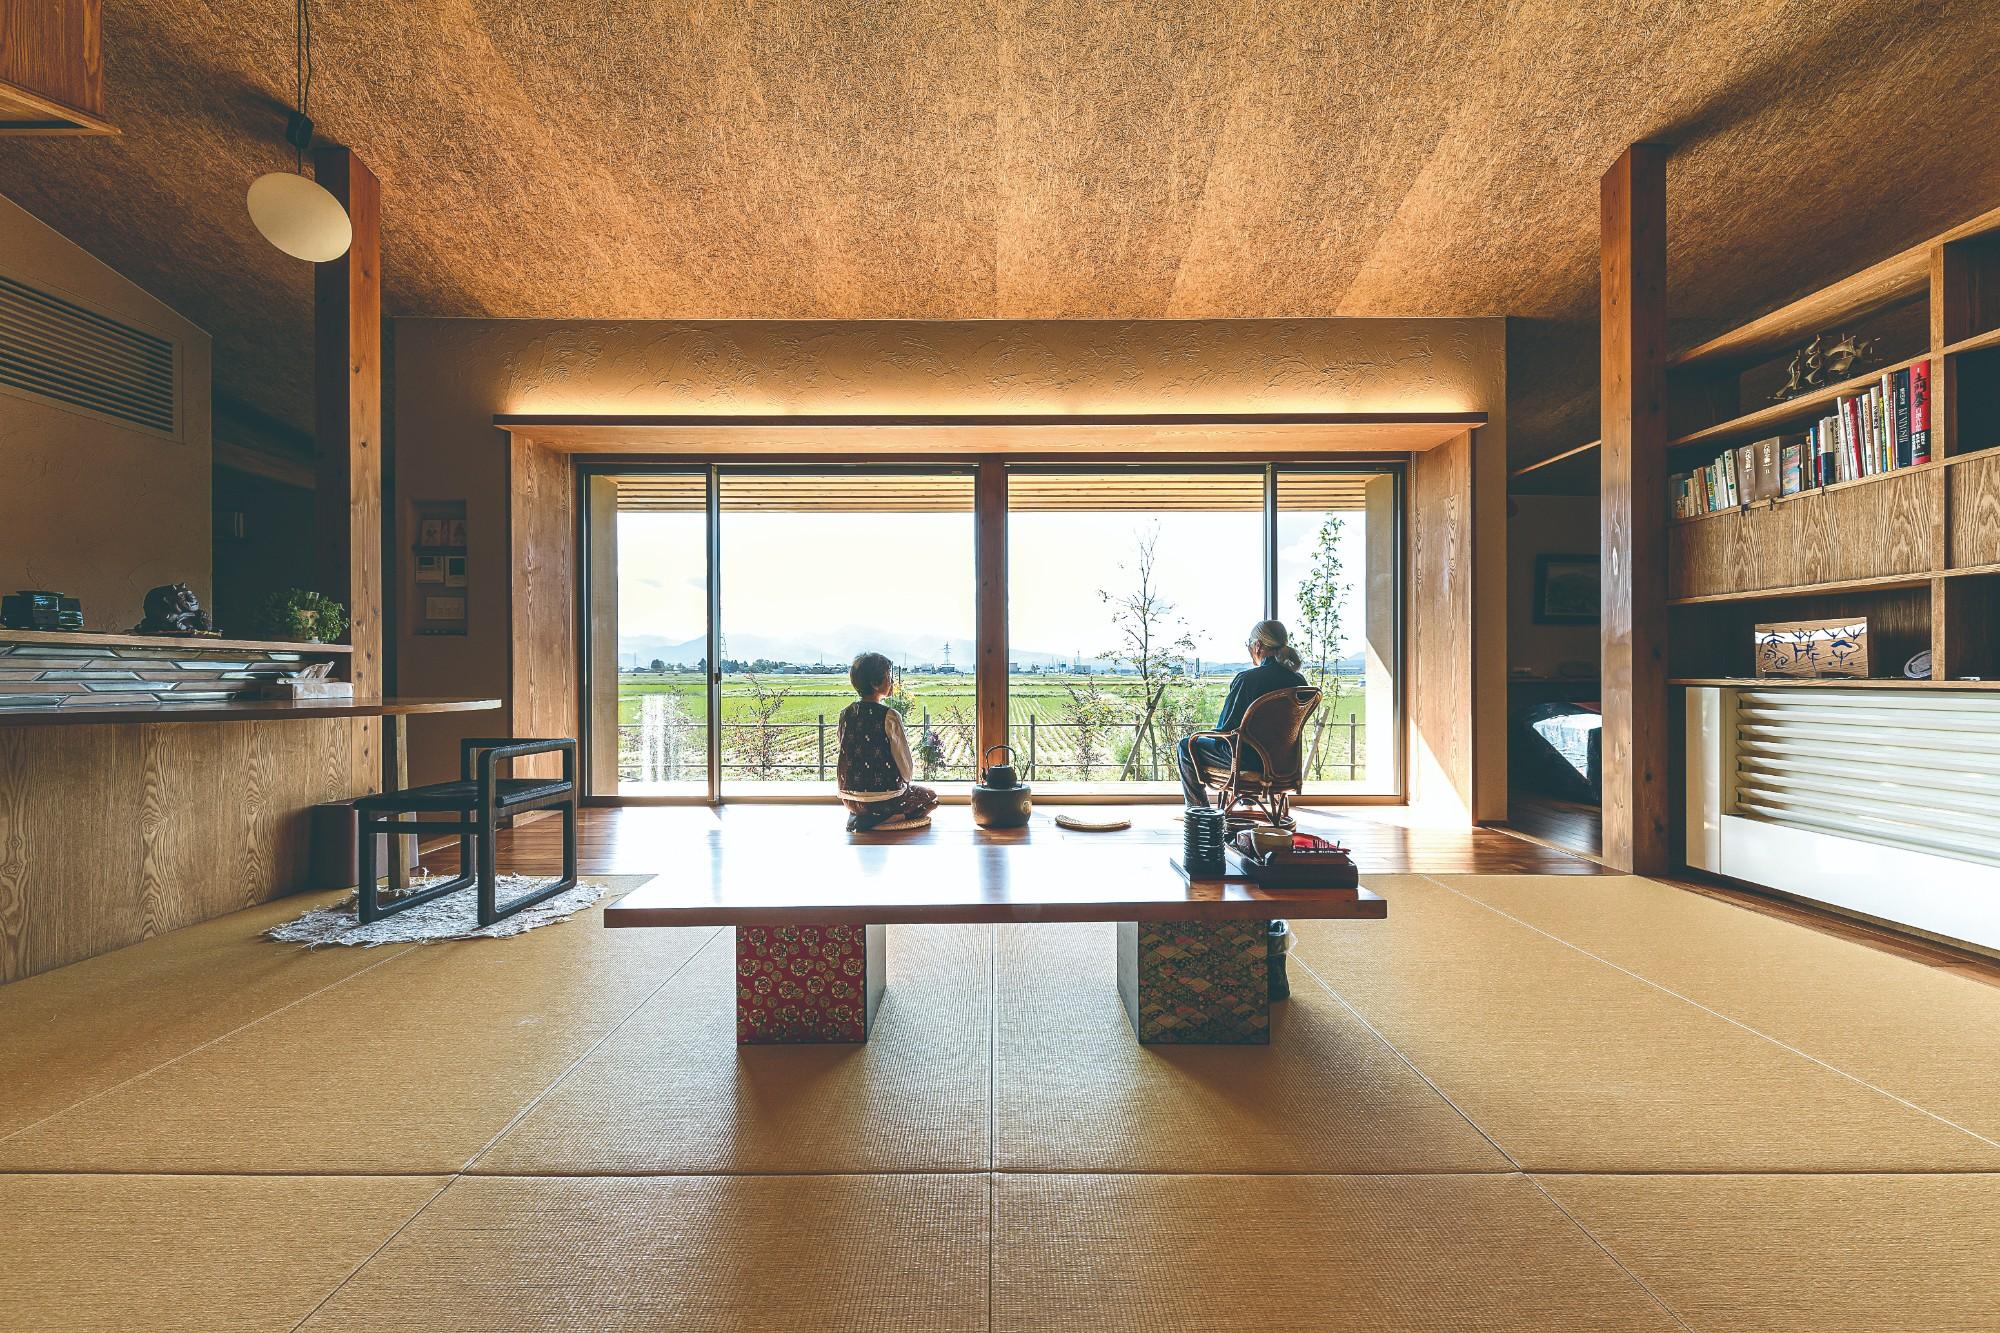 有限会社 神田陸建築設計事務所「茶茂庵」の自然素材な実例写真